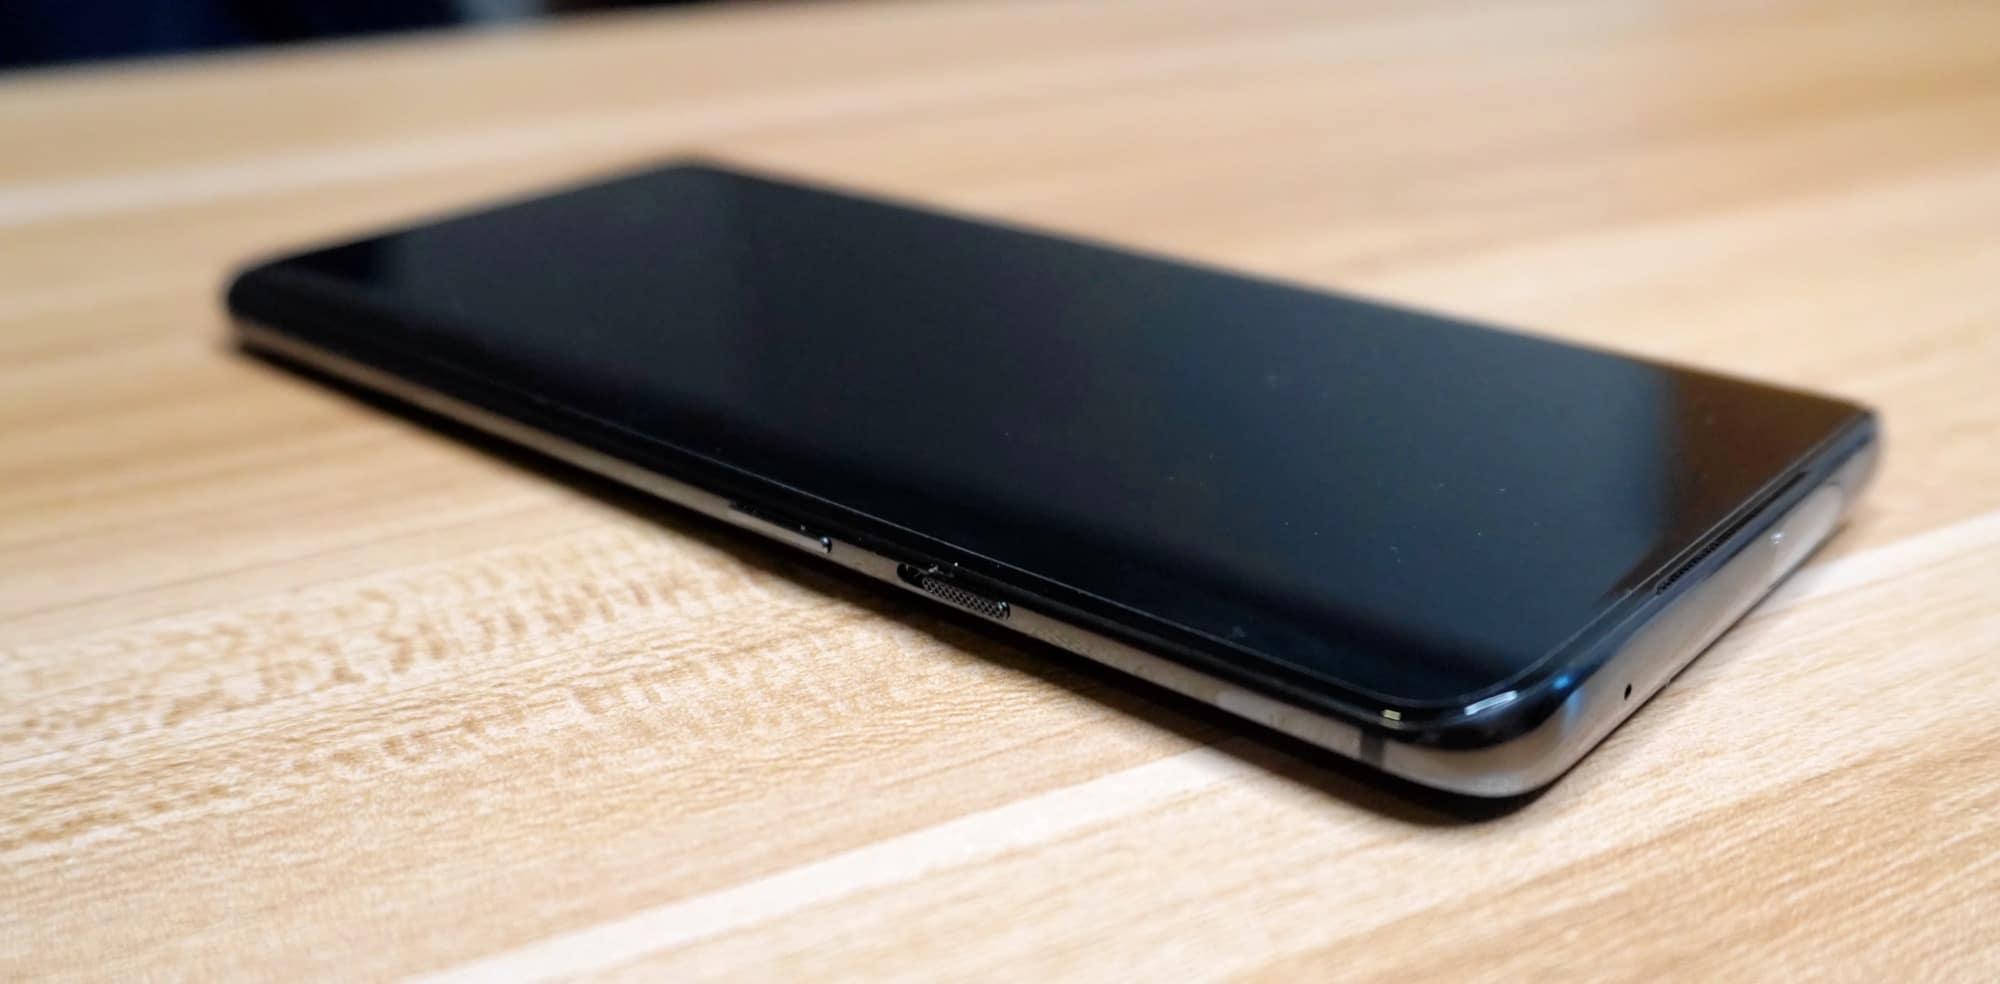 รีวิว OnePlus 7 Pro ดุดัน จัดเต็ม ที่สุดของ Super Flagship